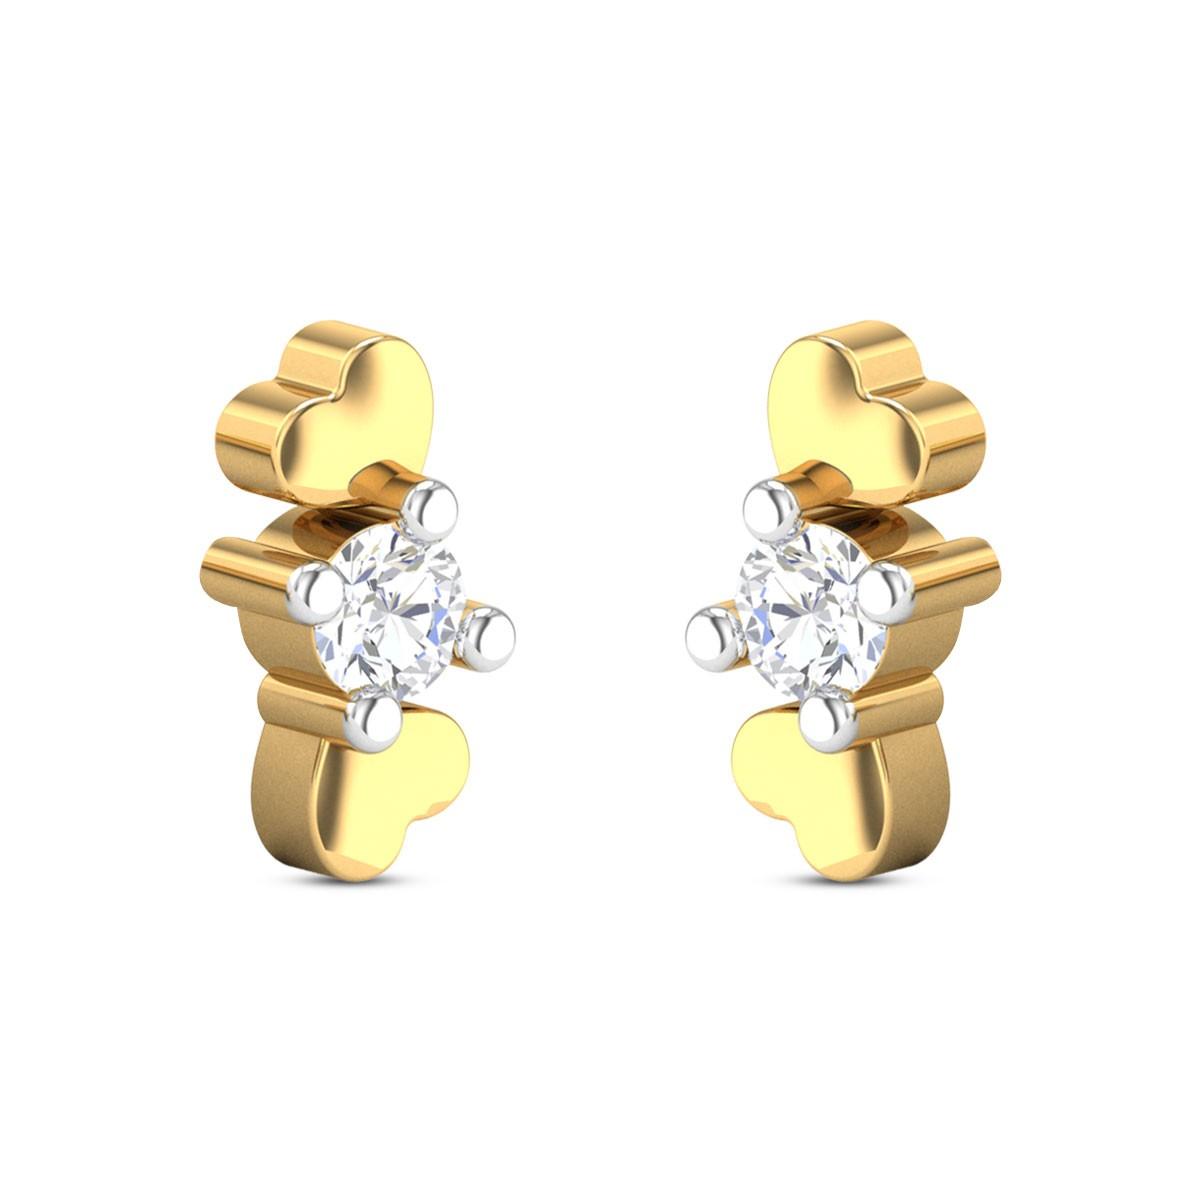 Abeeya Diamond Earrings